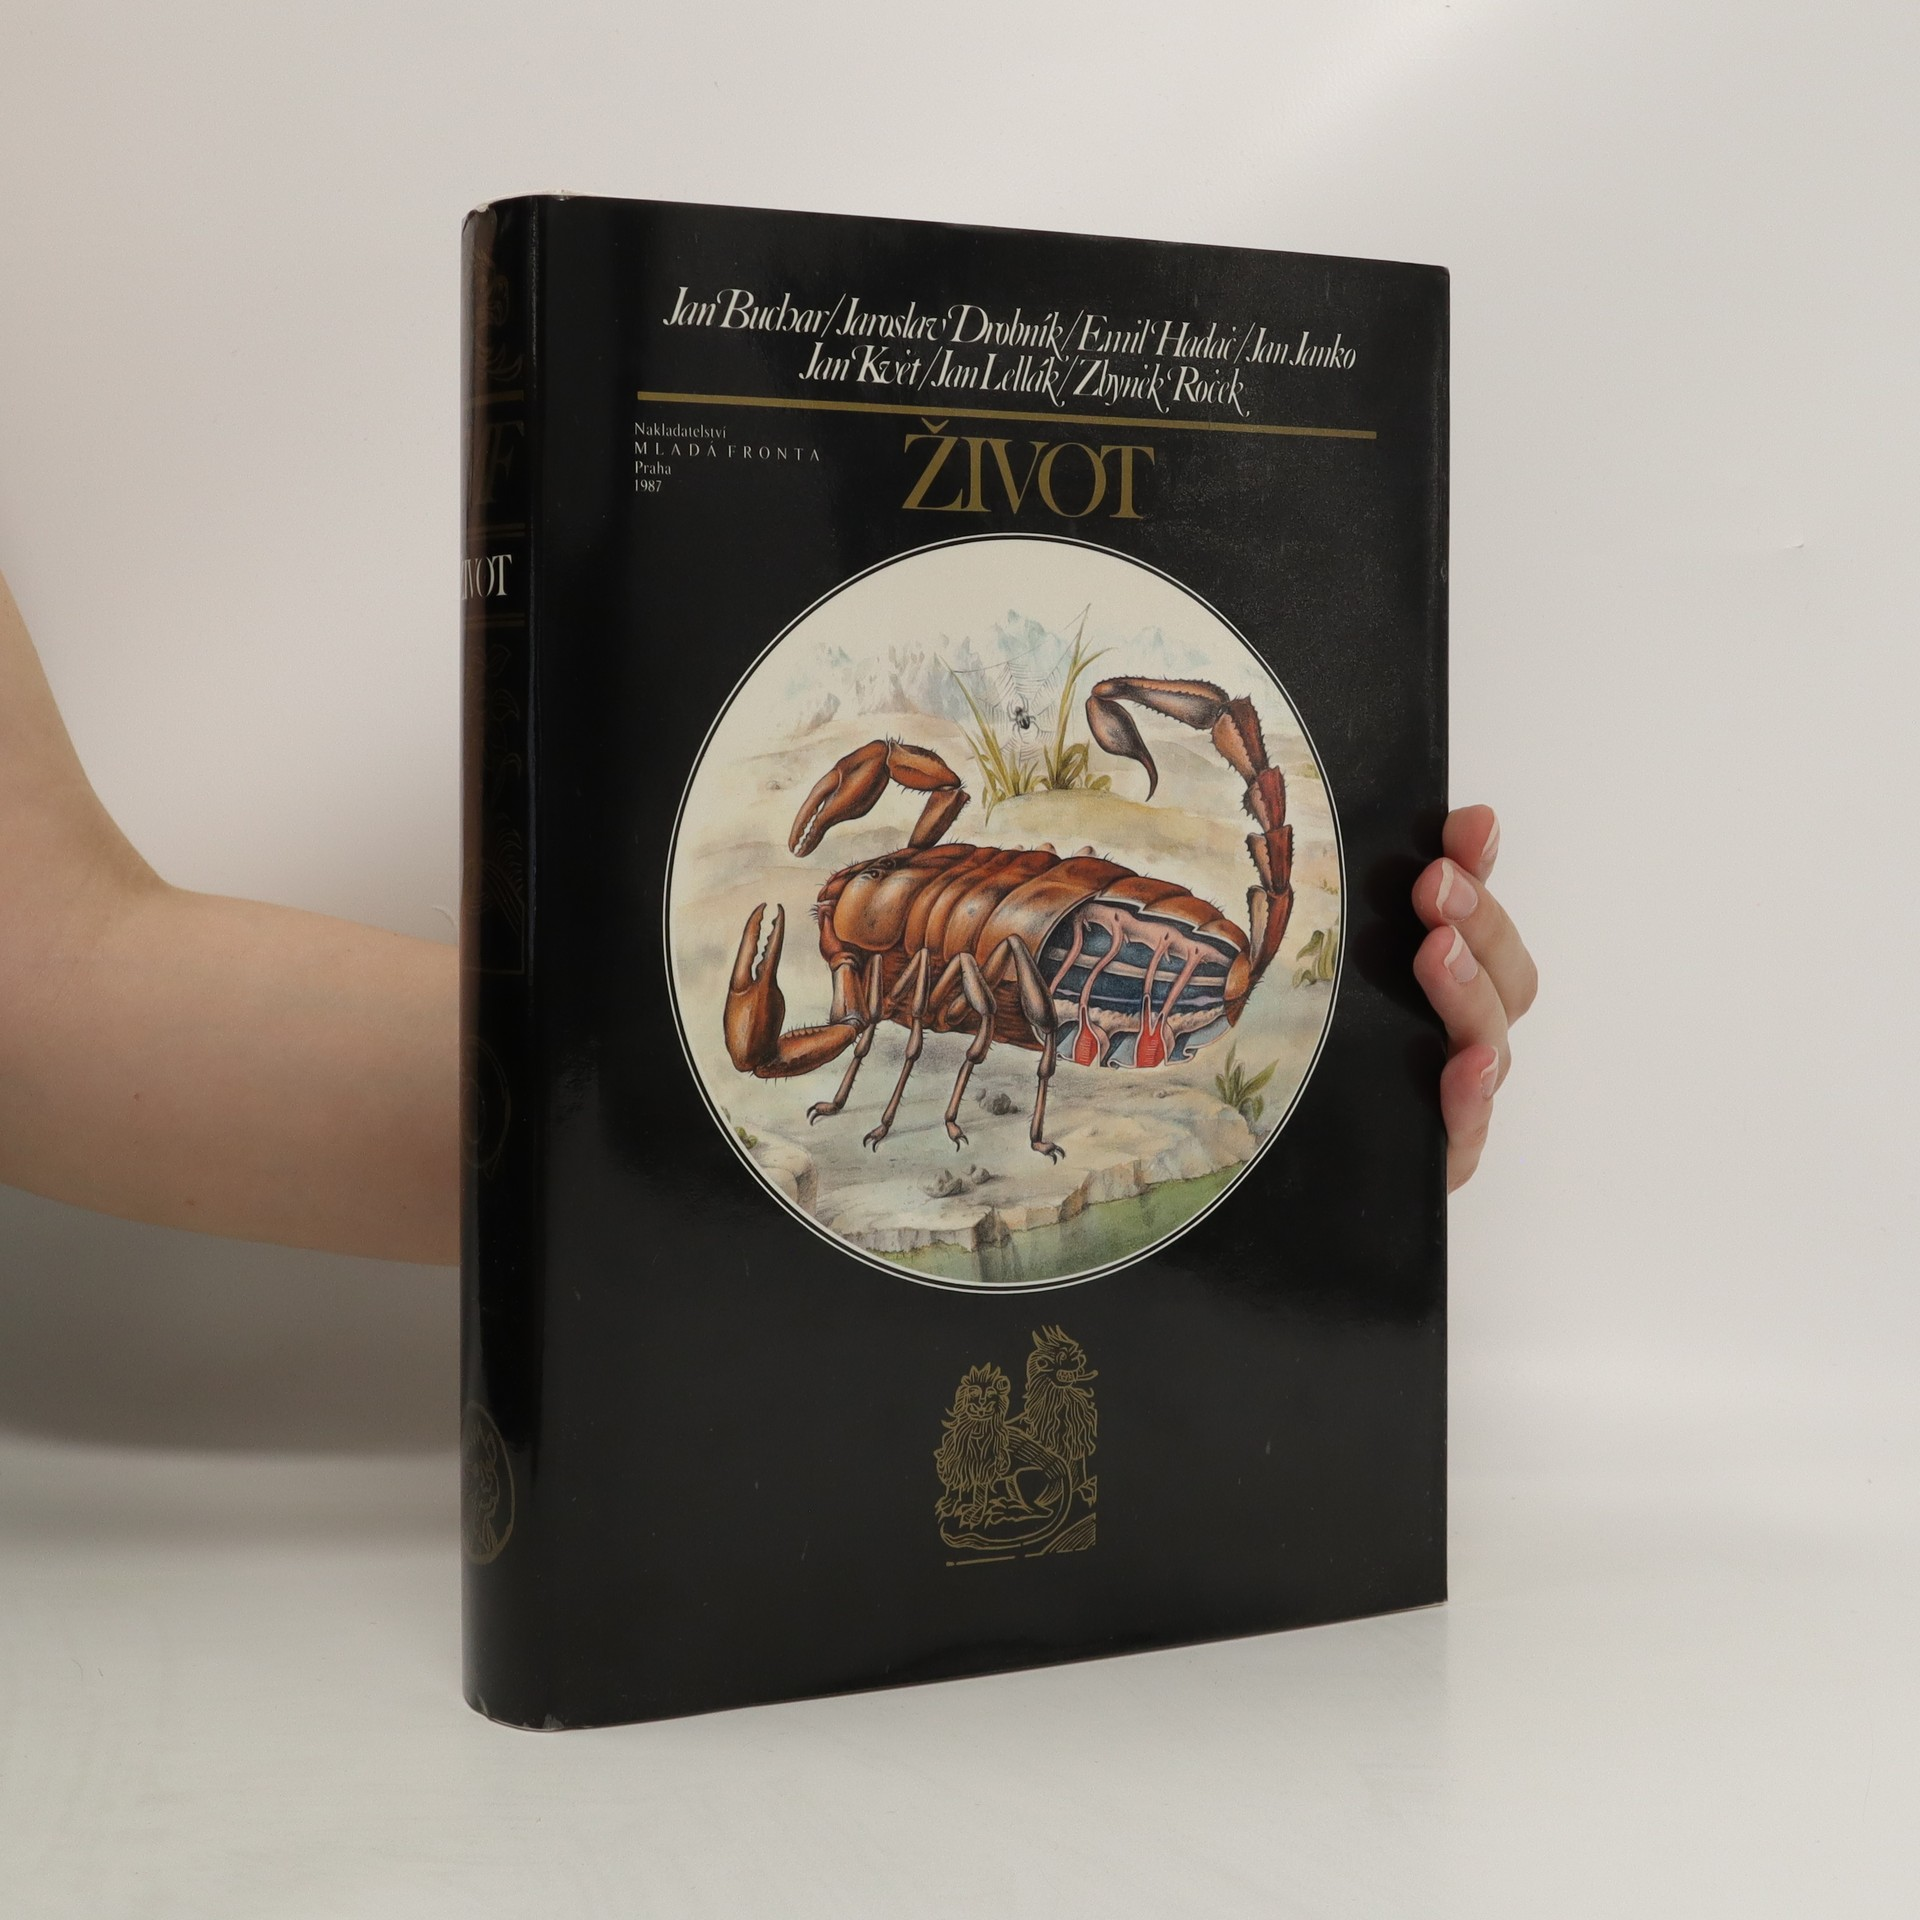 antikvární kniha Život, 1987